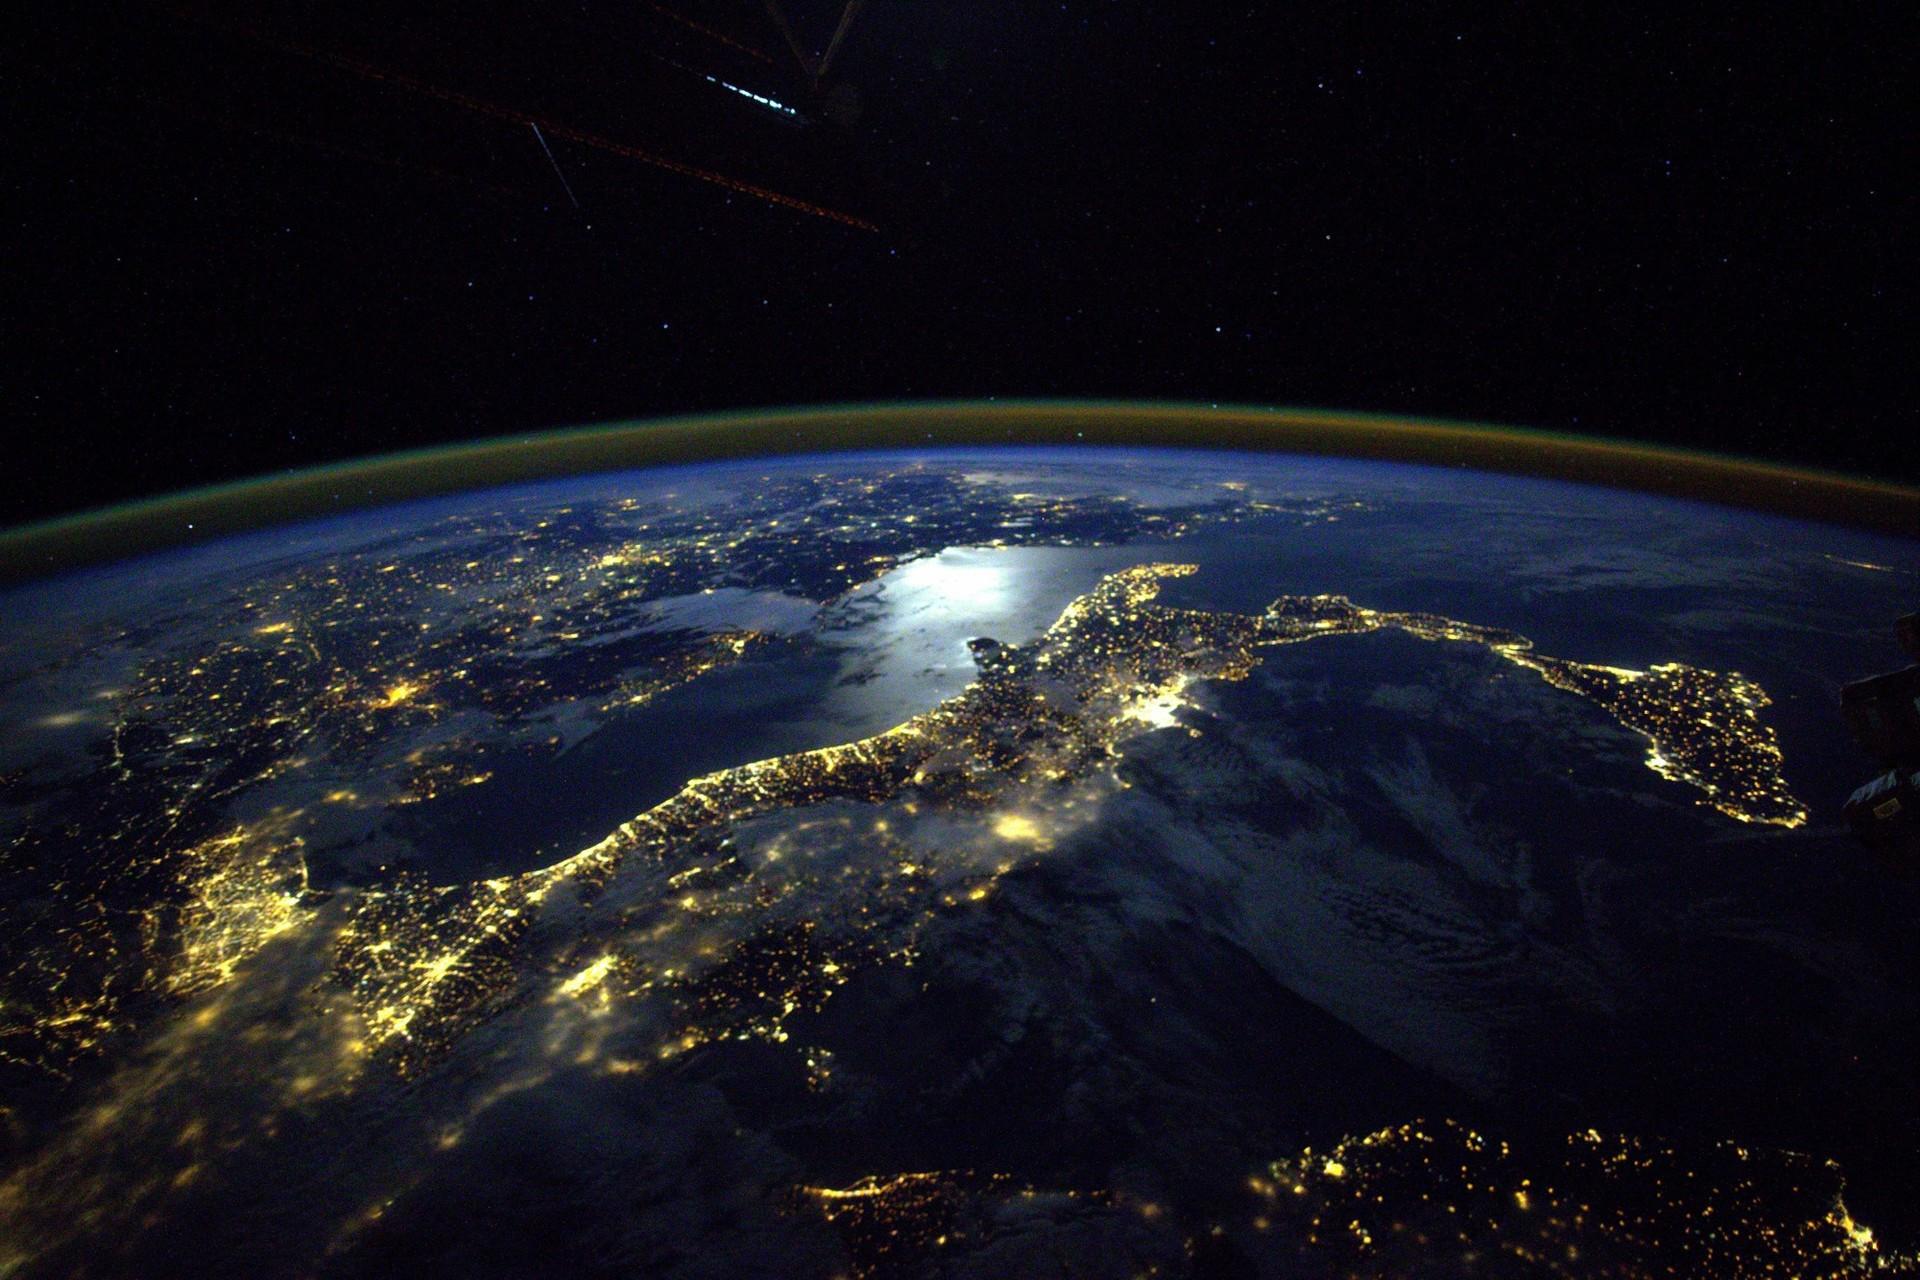 представлена продукция фото земли со спутника высокого разрешения между